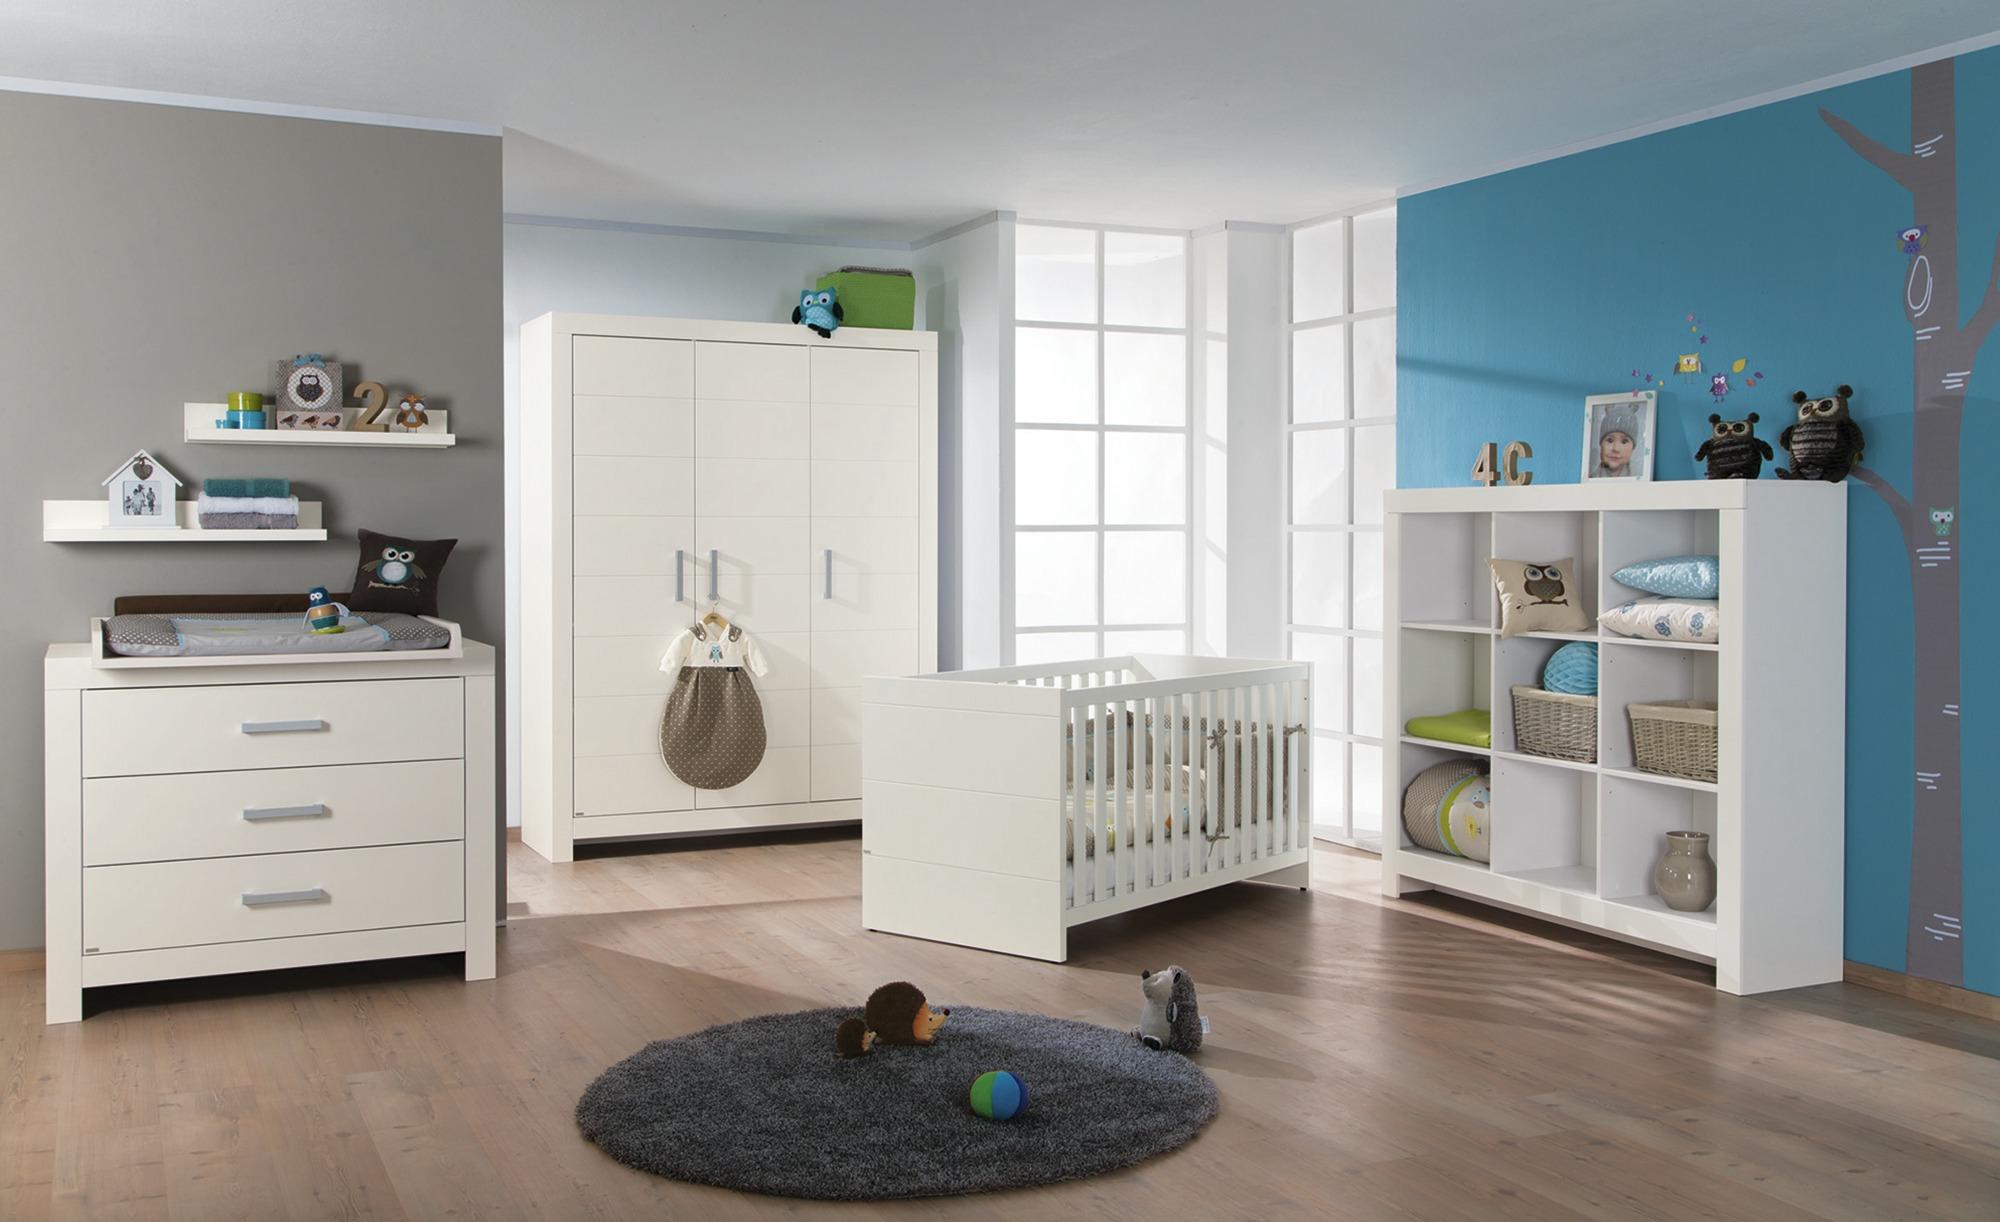 Babyzimmerset in neutralem Weiß